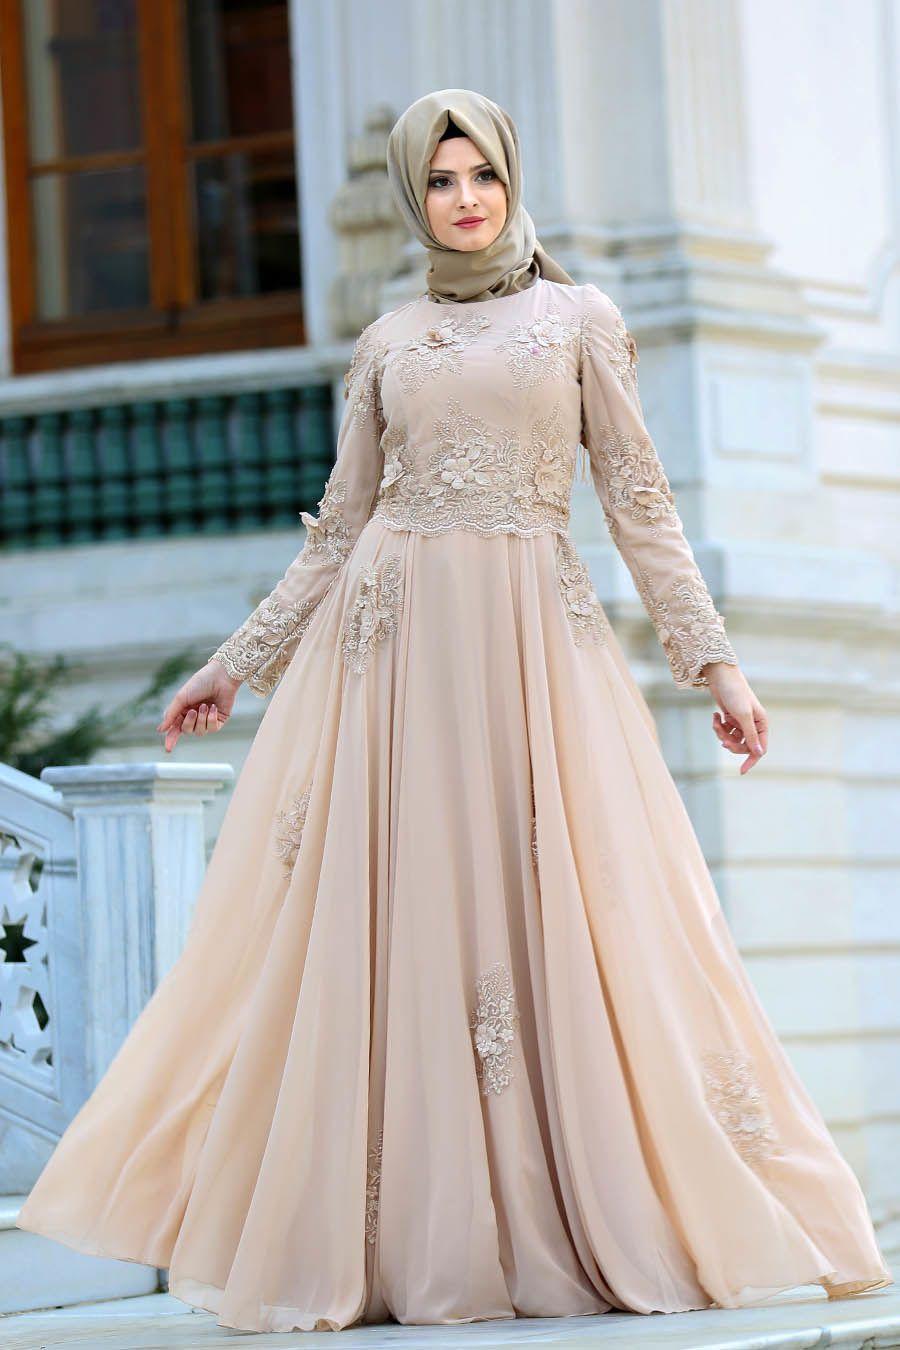 Acik Renkli Tesettur Kabarik Abiye Modelleri Aksamustu Giysileri Elbiseler Gelin Elbisesi